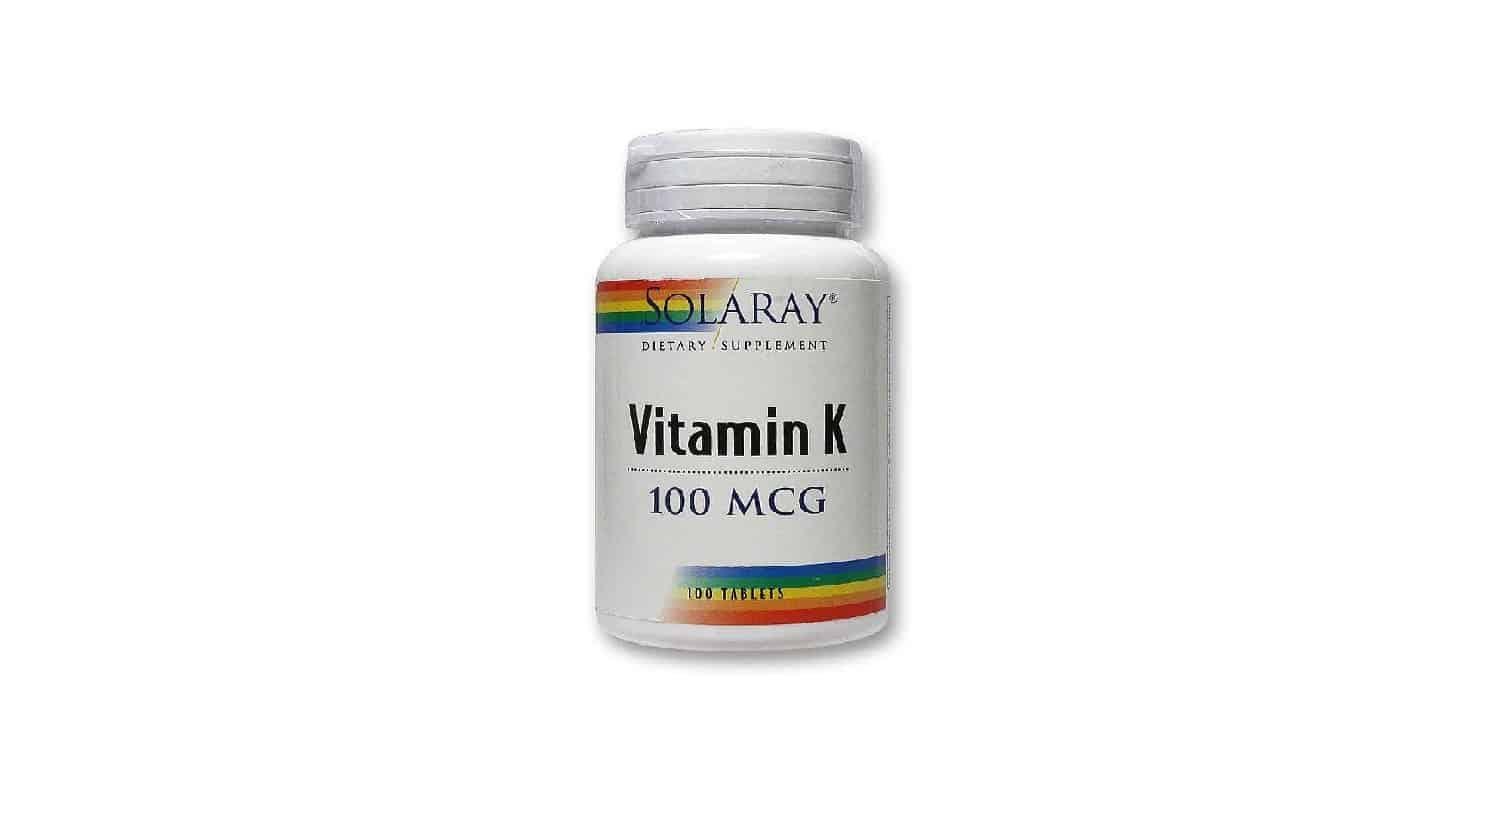 قرص ویتامین k برند Solaray